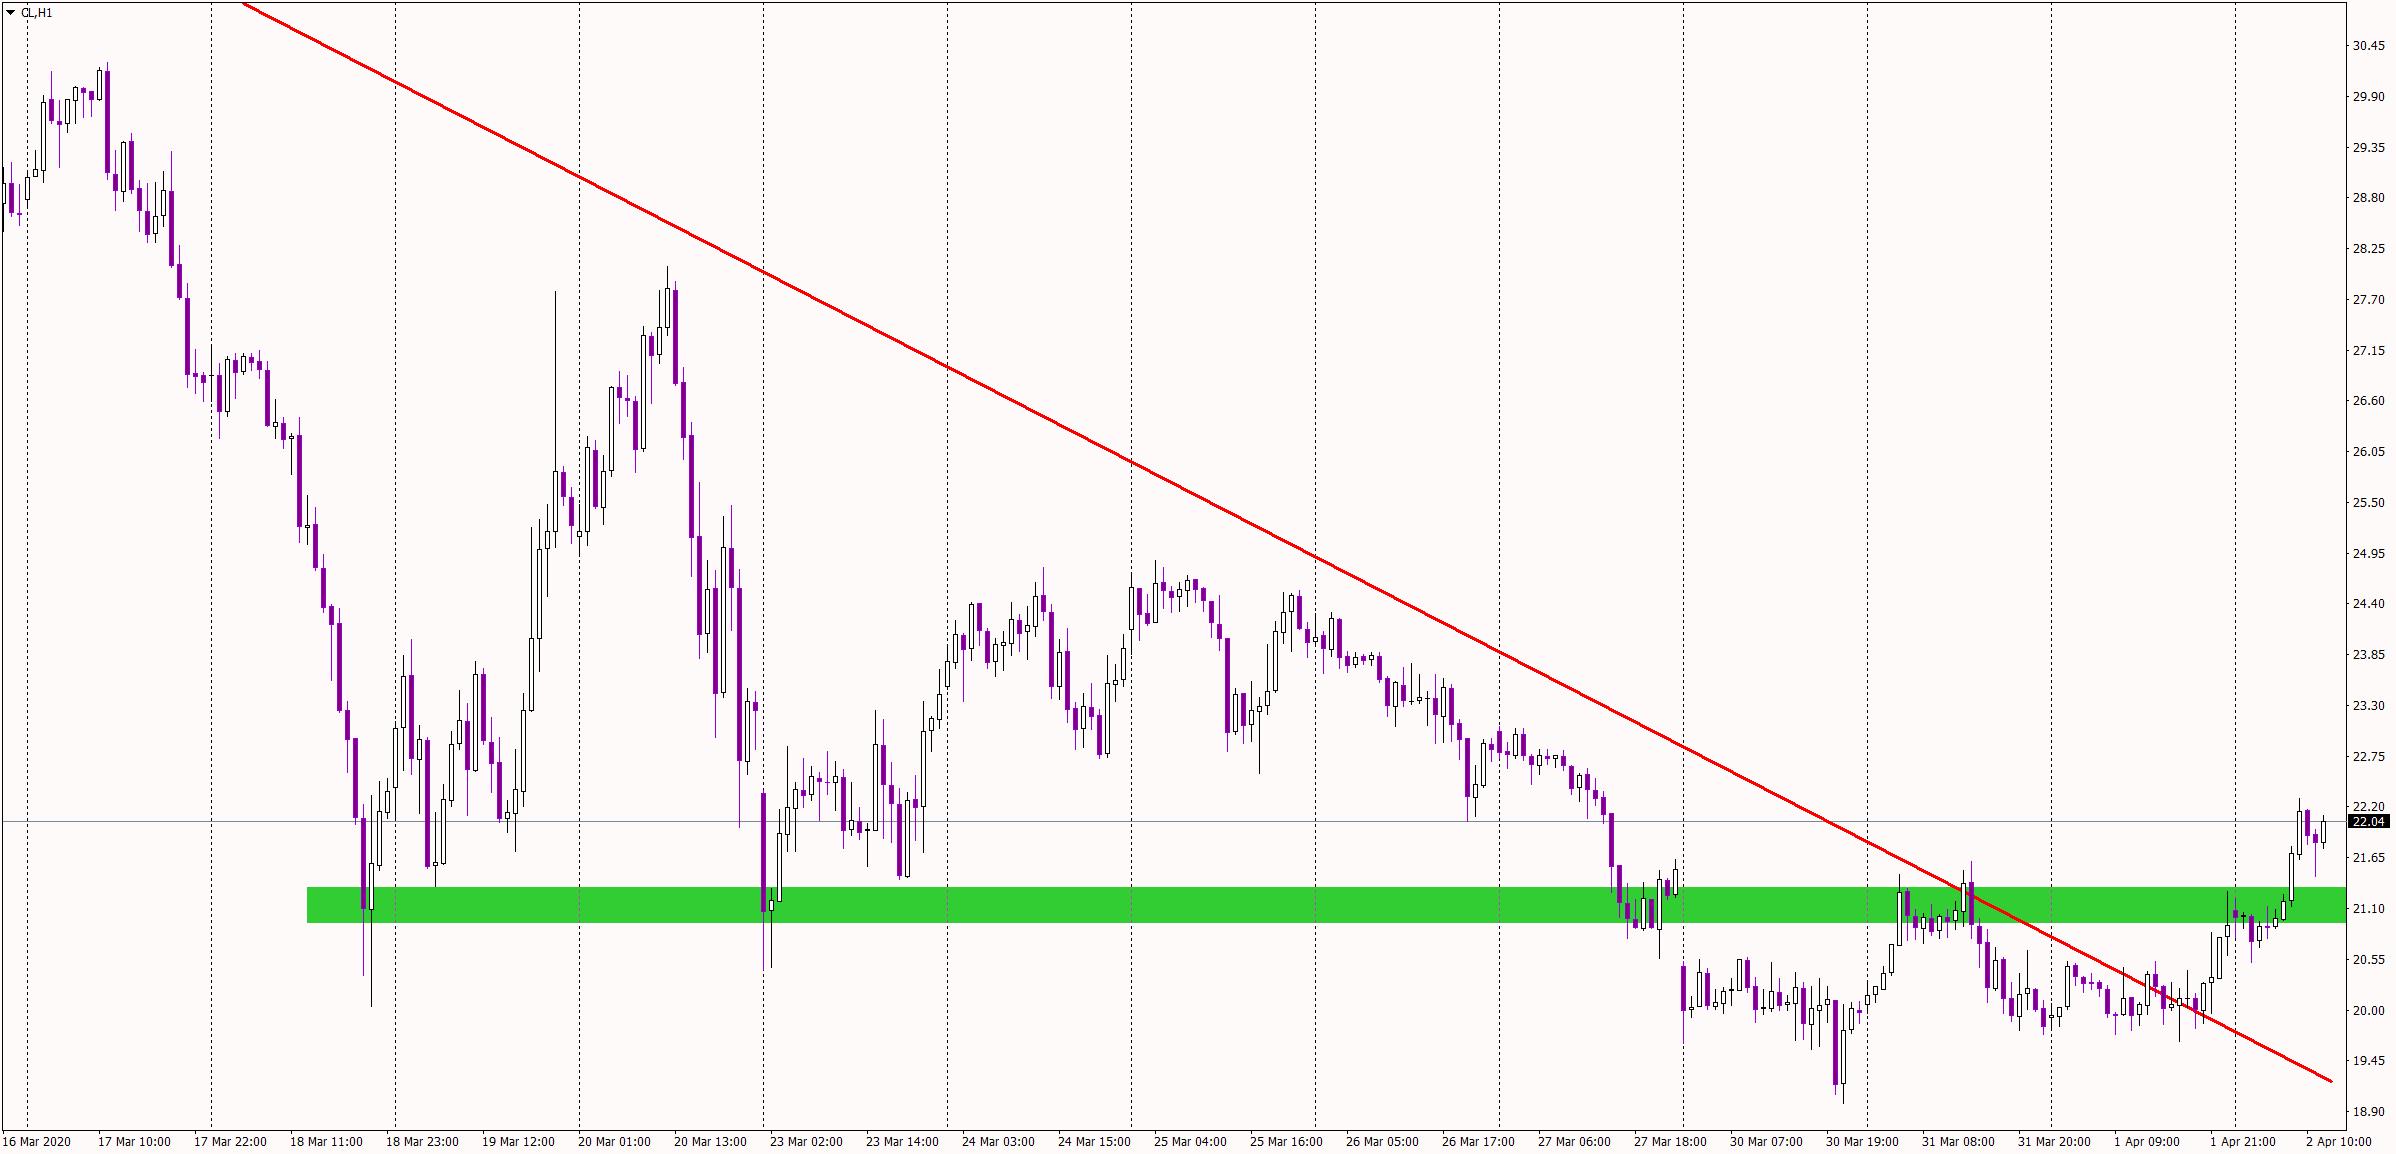 Crude Oil 1 hour chart